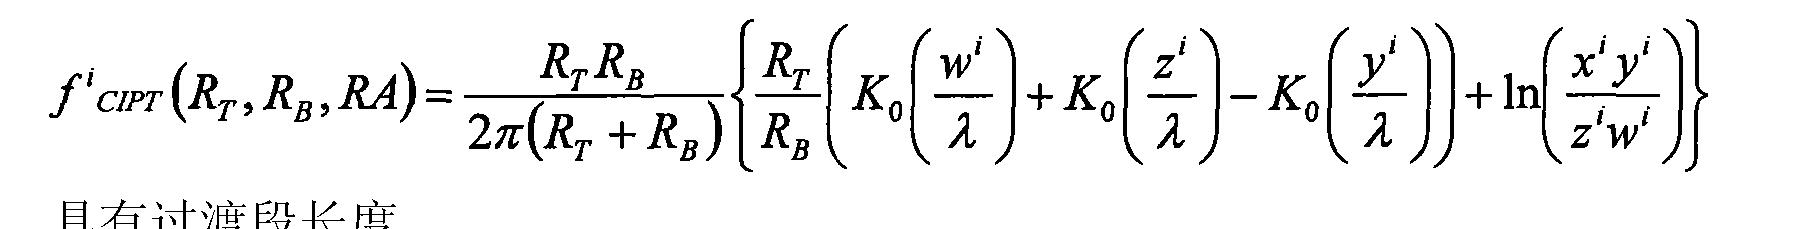 Figure CN101331403BD00131